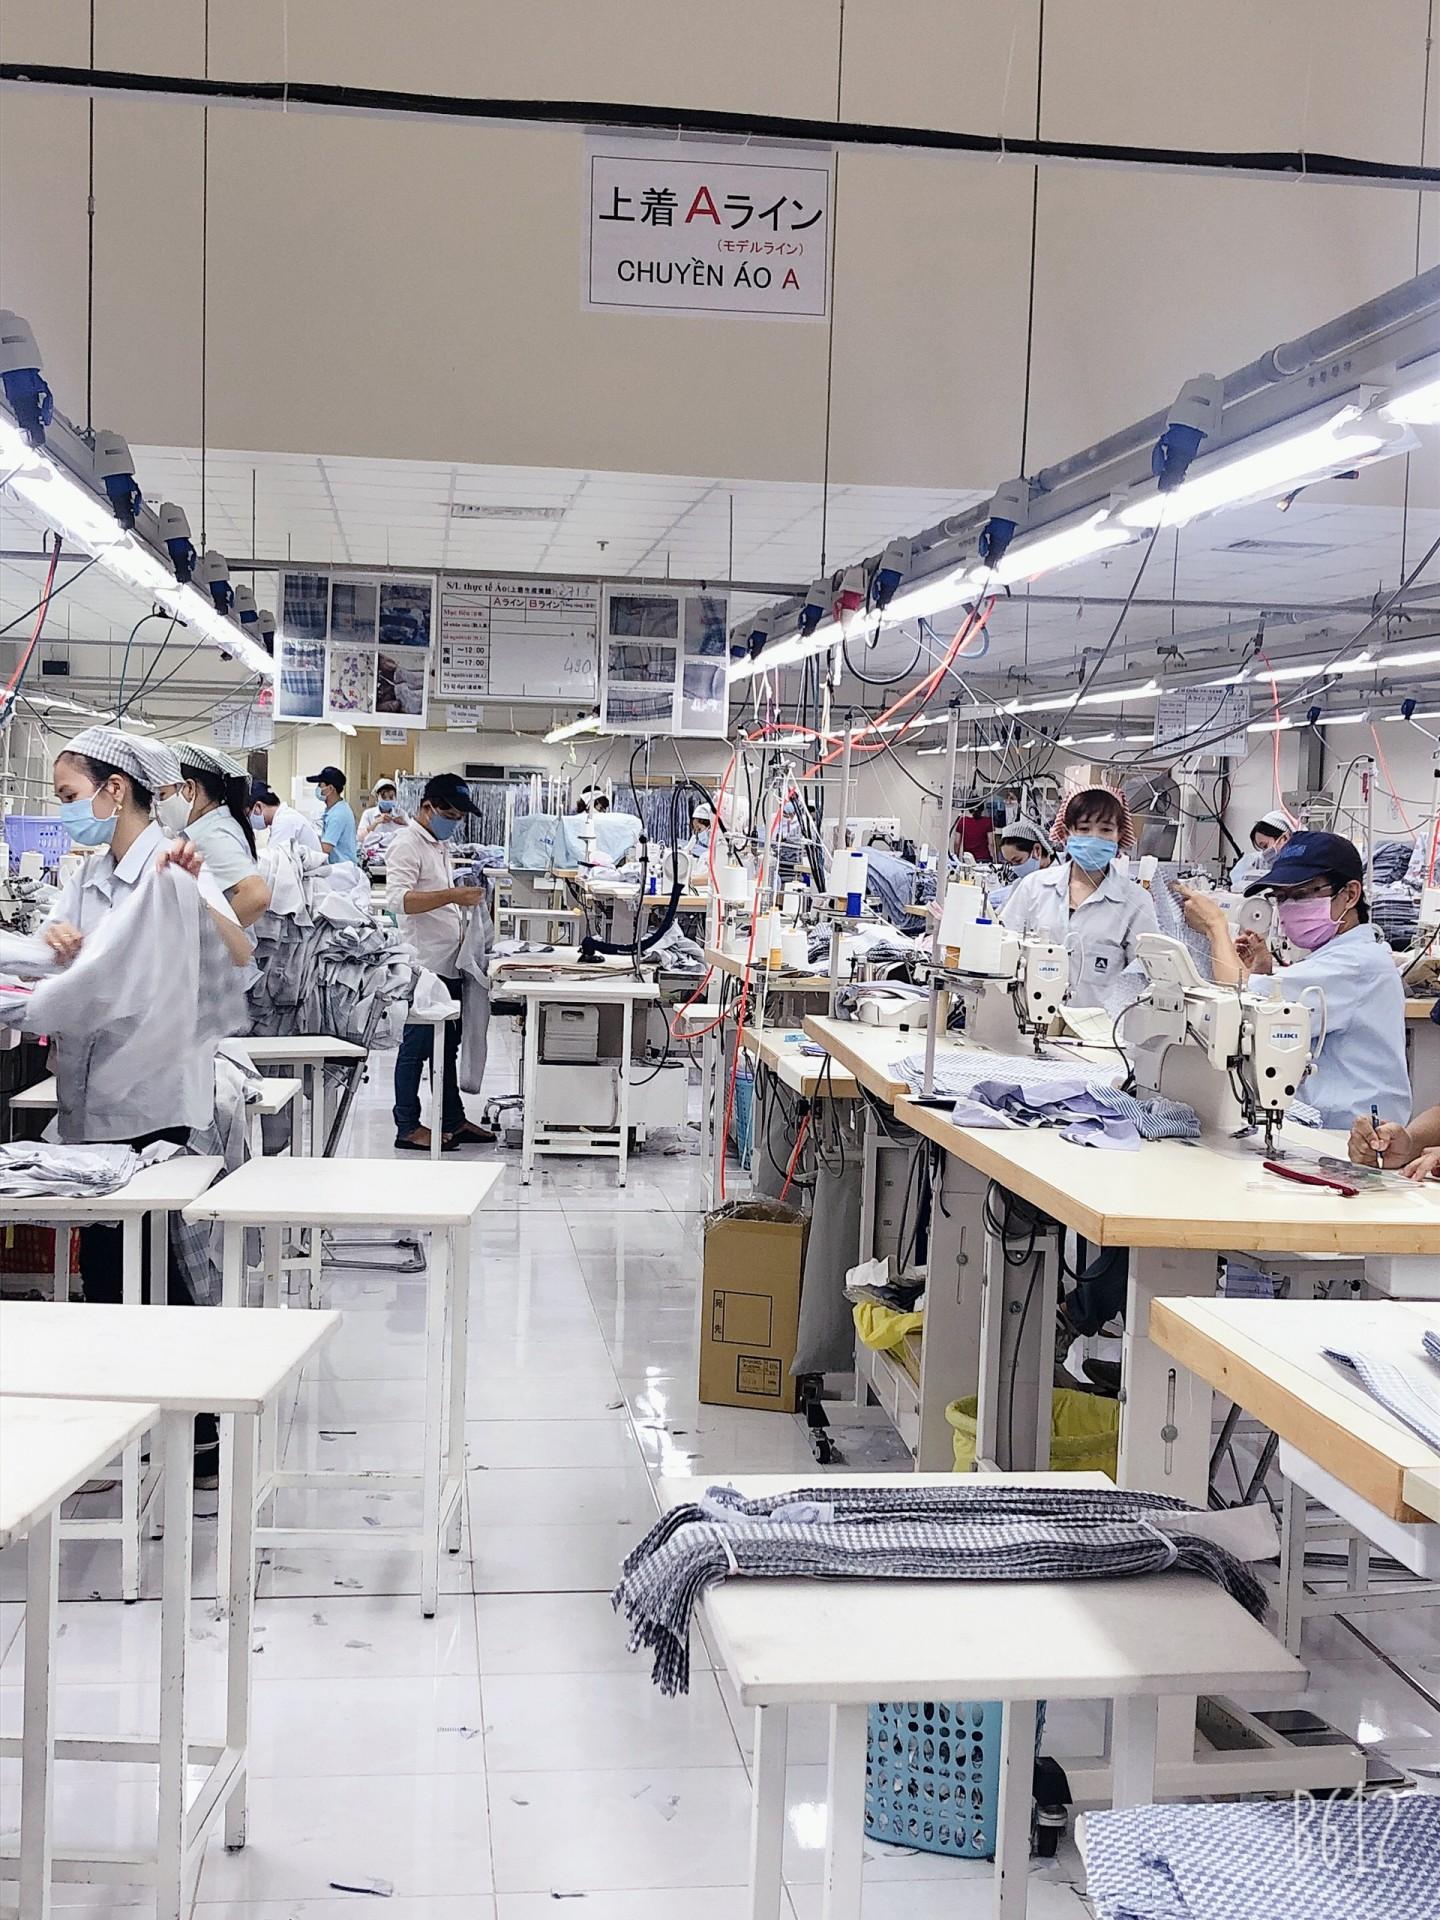 Hoạt động sản xuất bình thường của nhà máy Aoki Vietnam (Nhật Bản) vào ngày 1/4/2020.